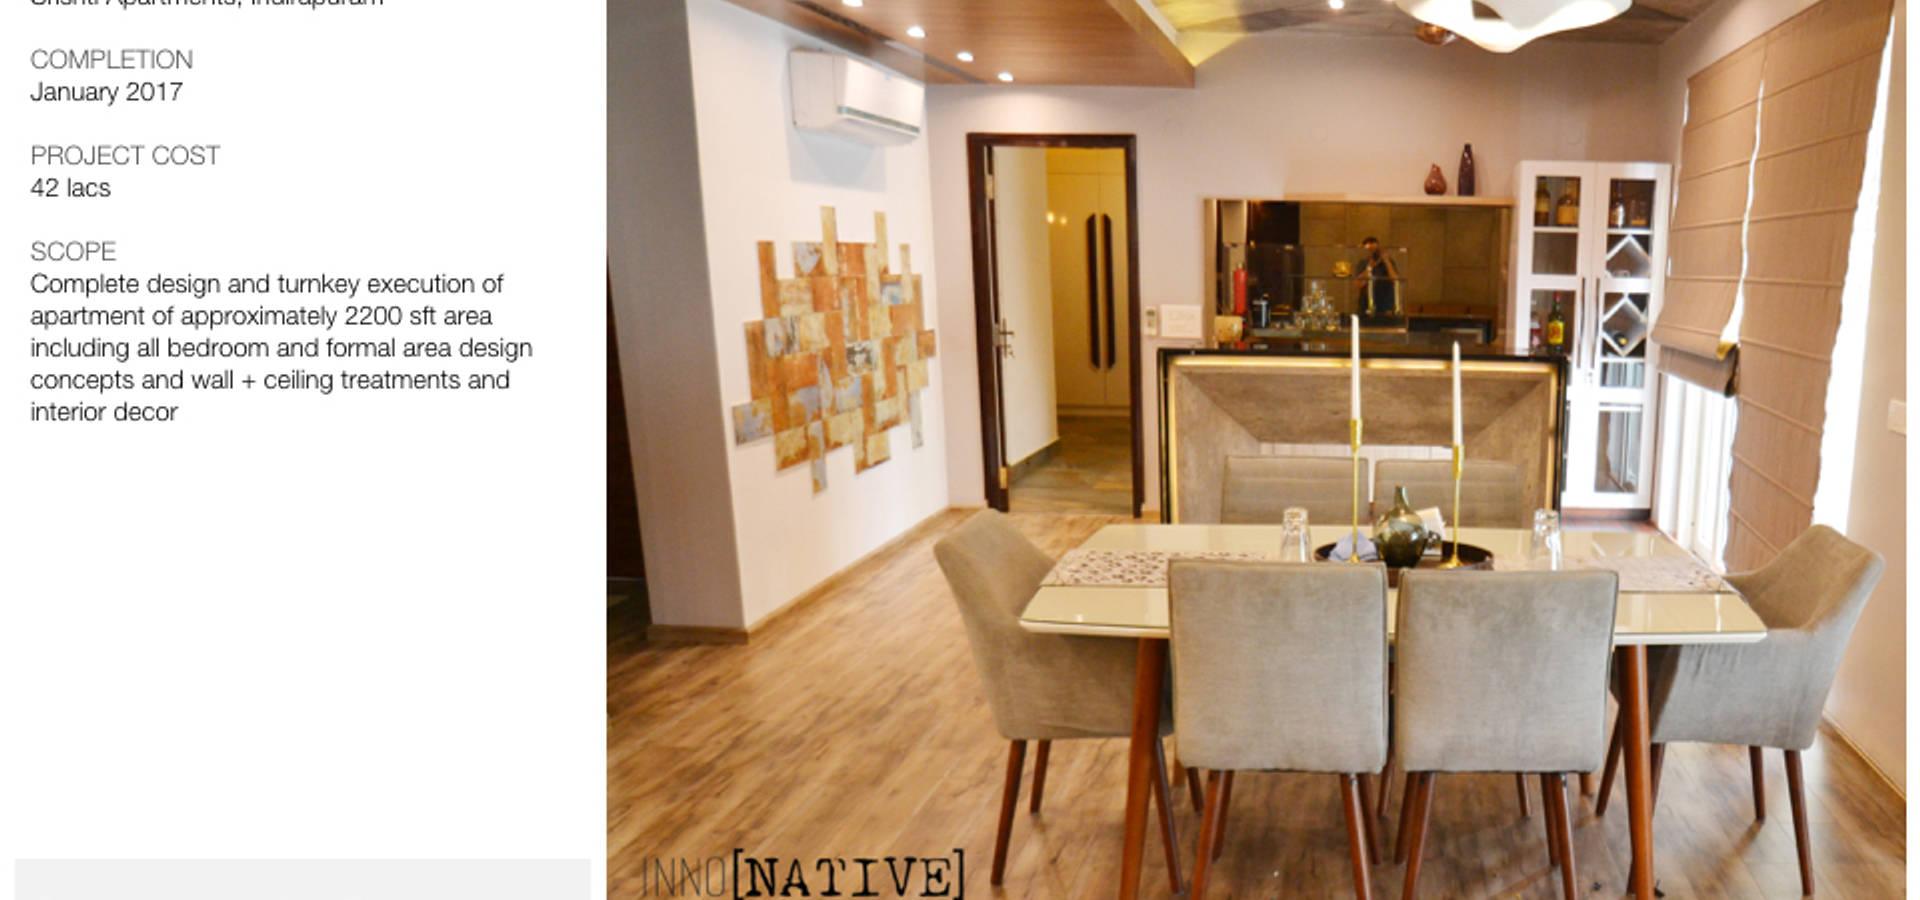 Inno[NATIVE] Design Collective